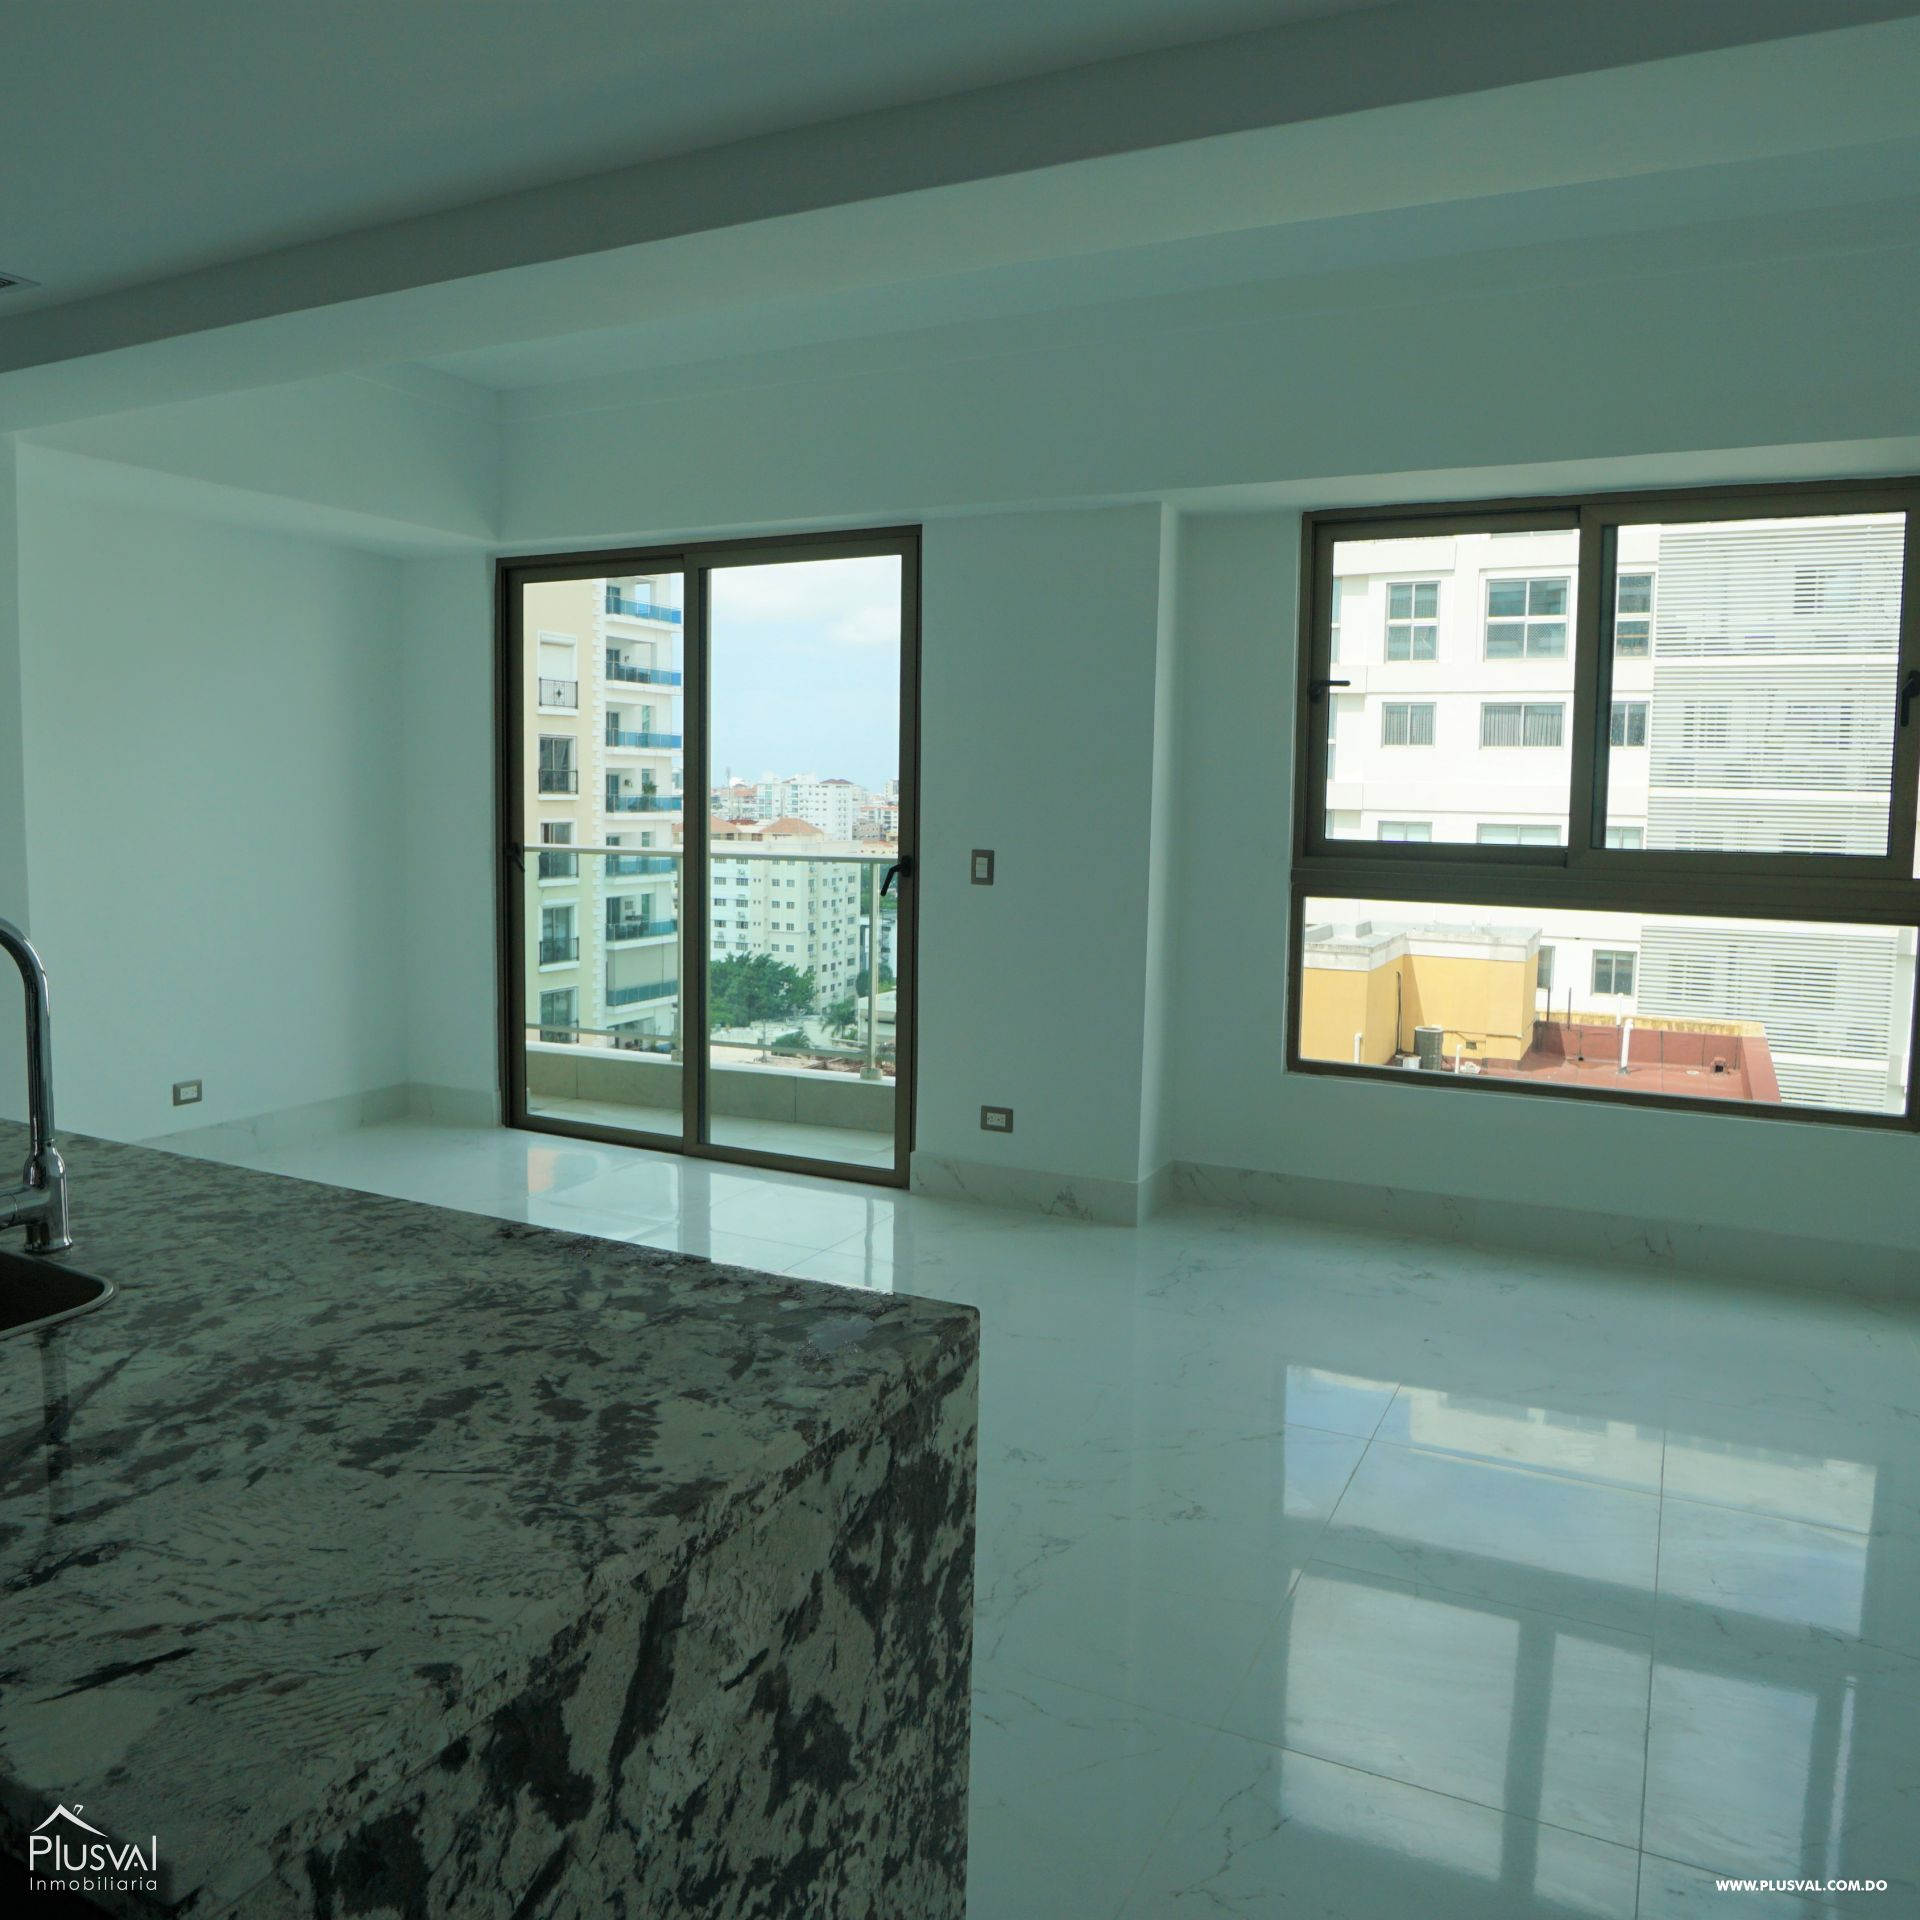 Apartamento en alquiler con linea blanca en Piantini 183097